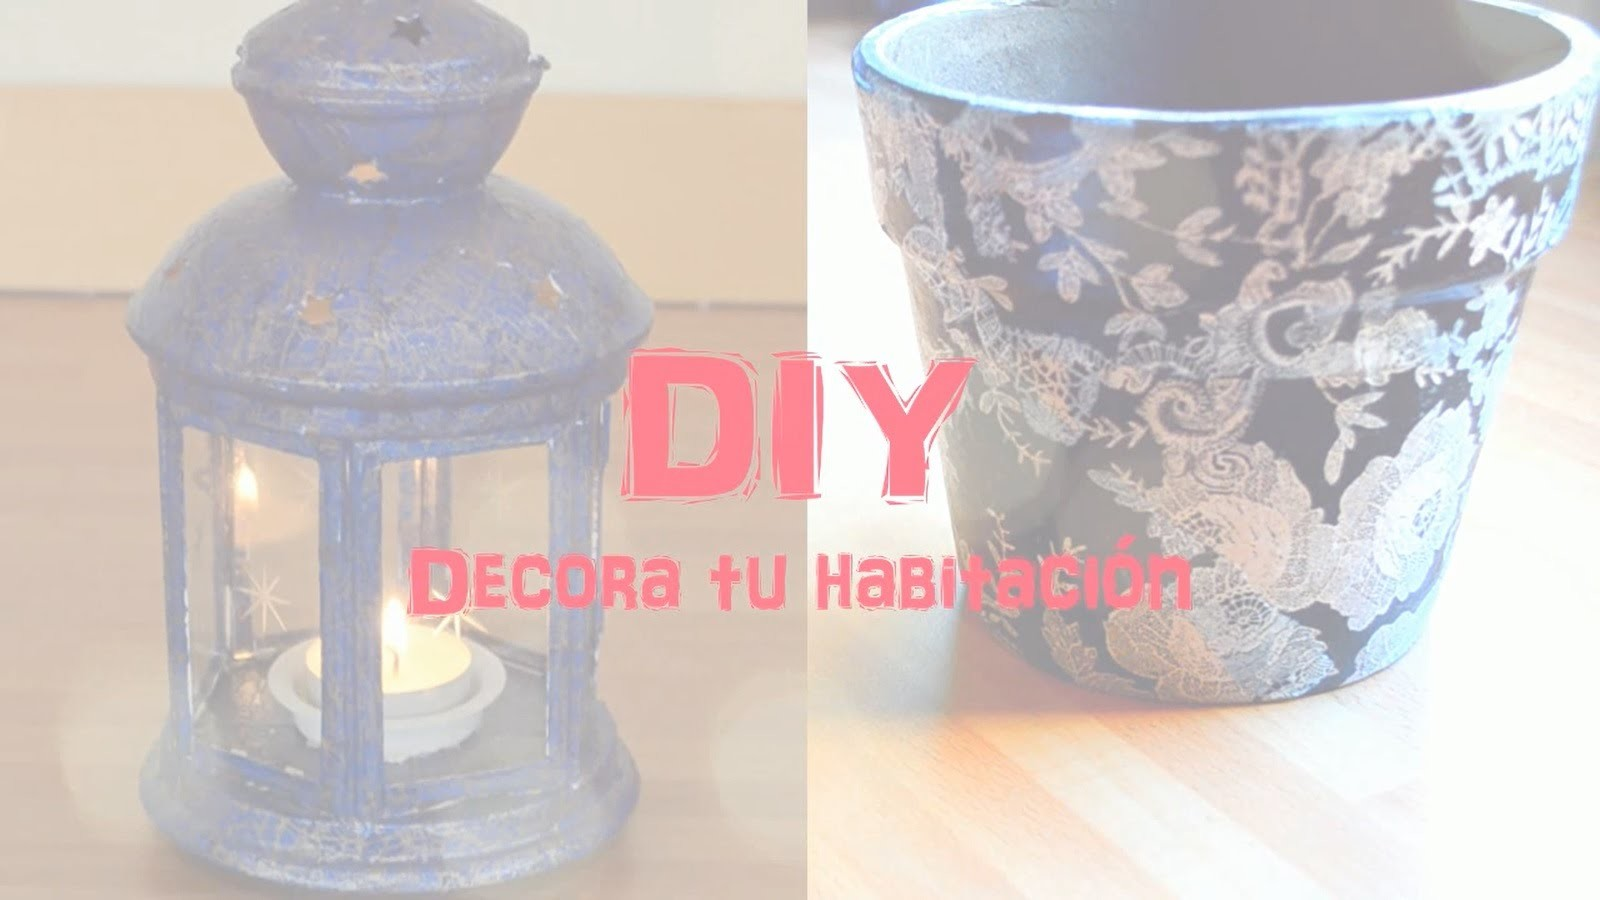 DIY - Decora tu habitación - Recipiente para lo que quieras